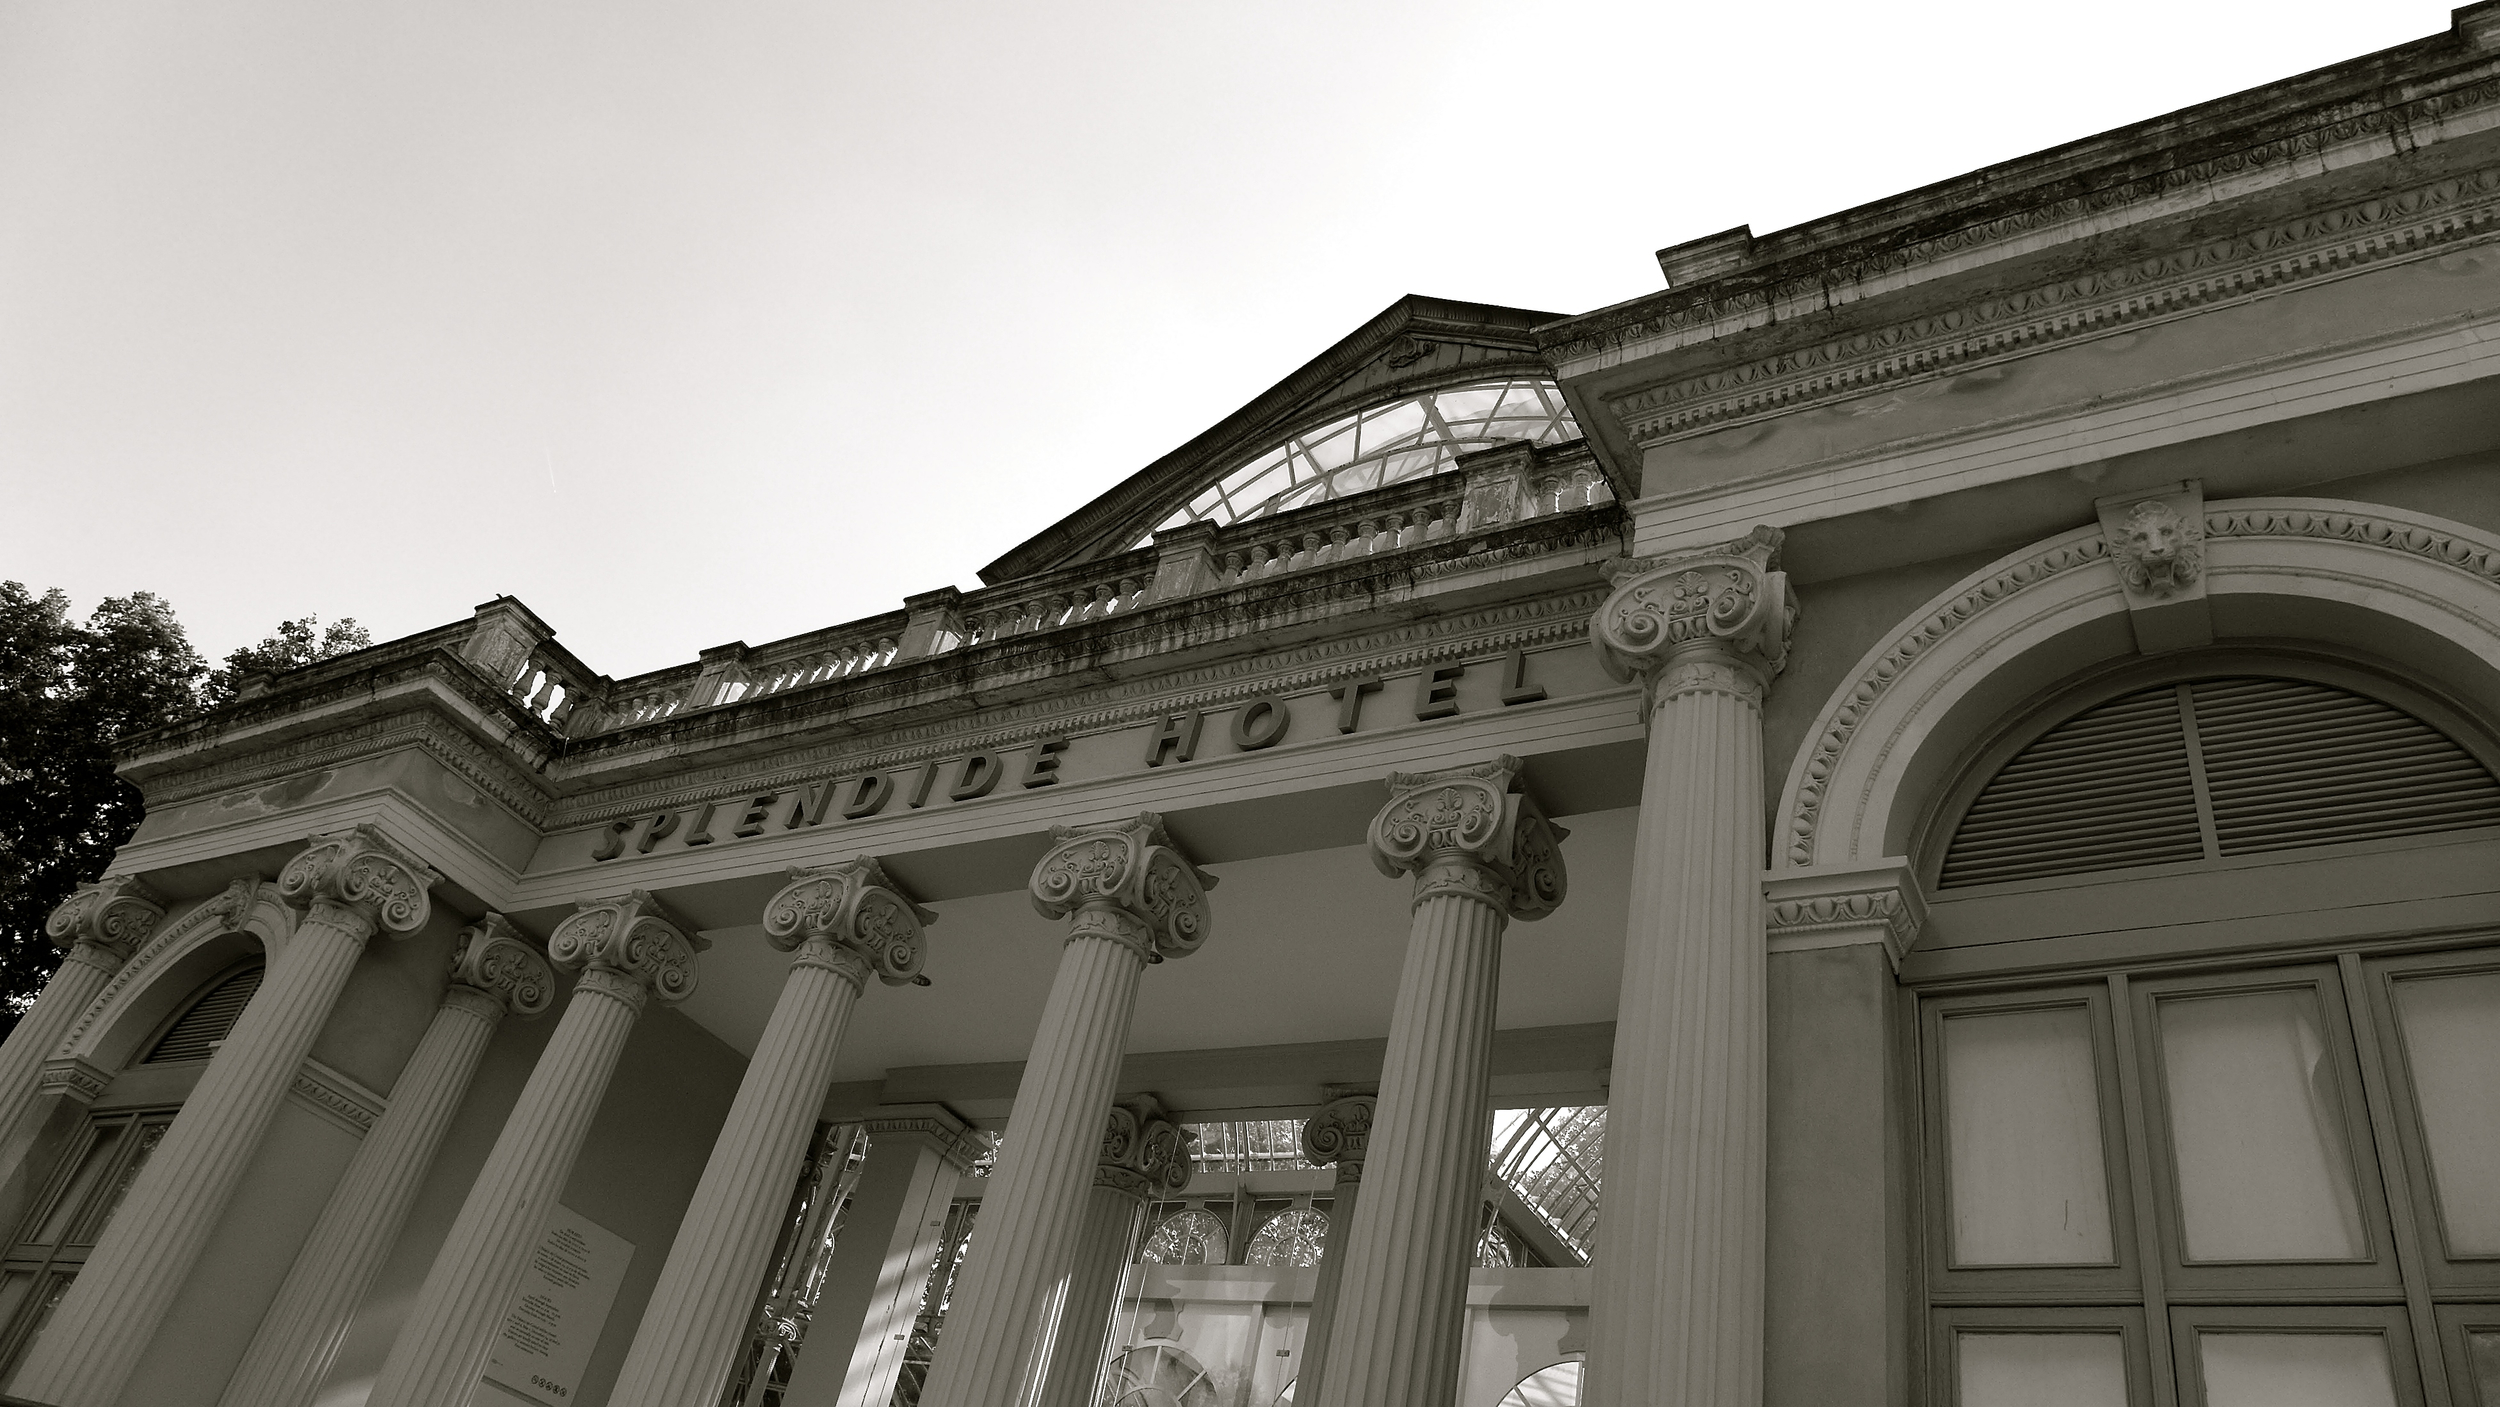 Splendide Hotel - 19